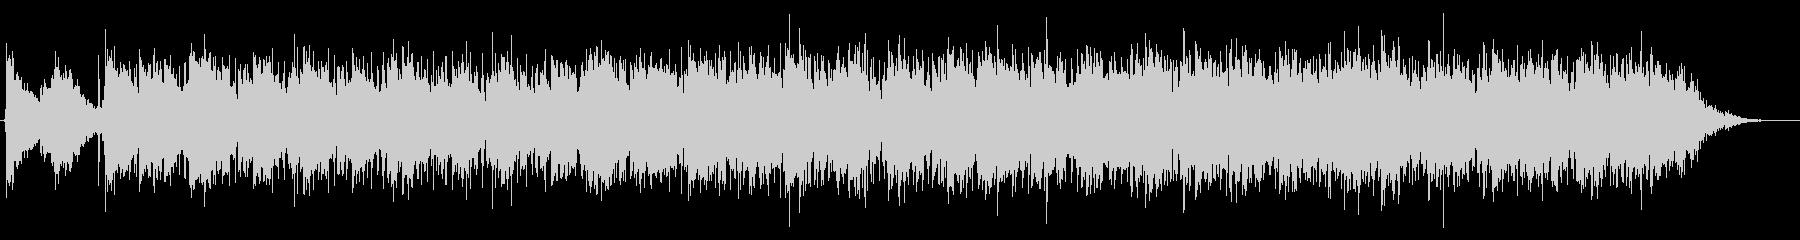 フレンチポップなトランペットインストの未再生の波形